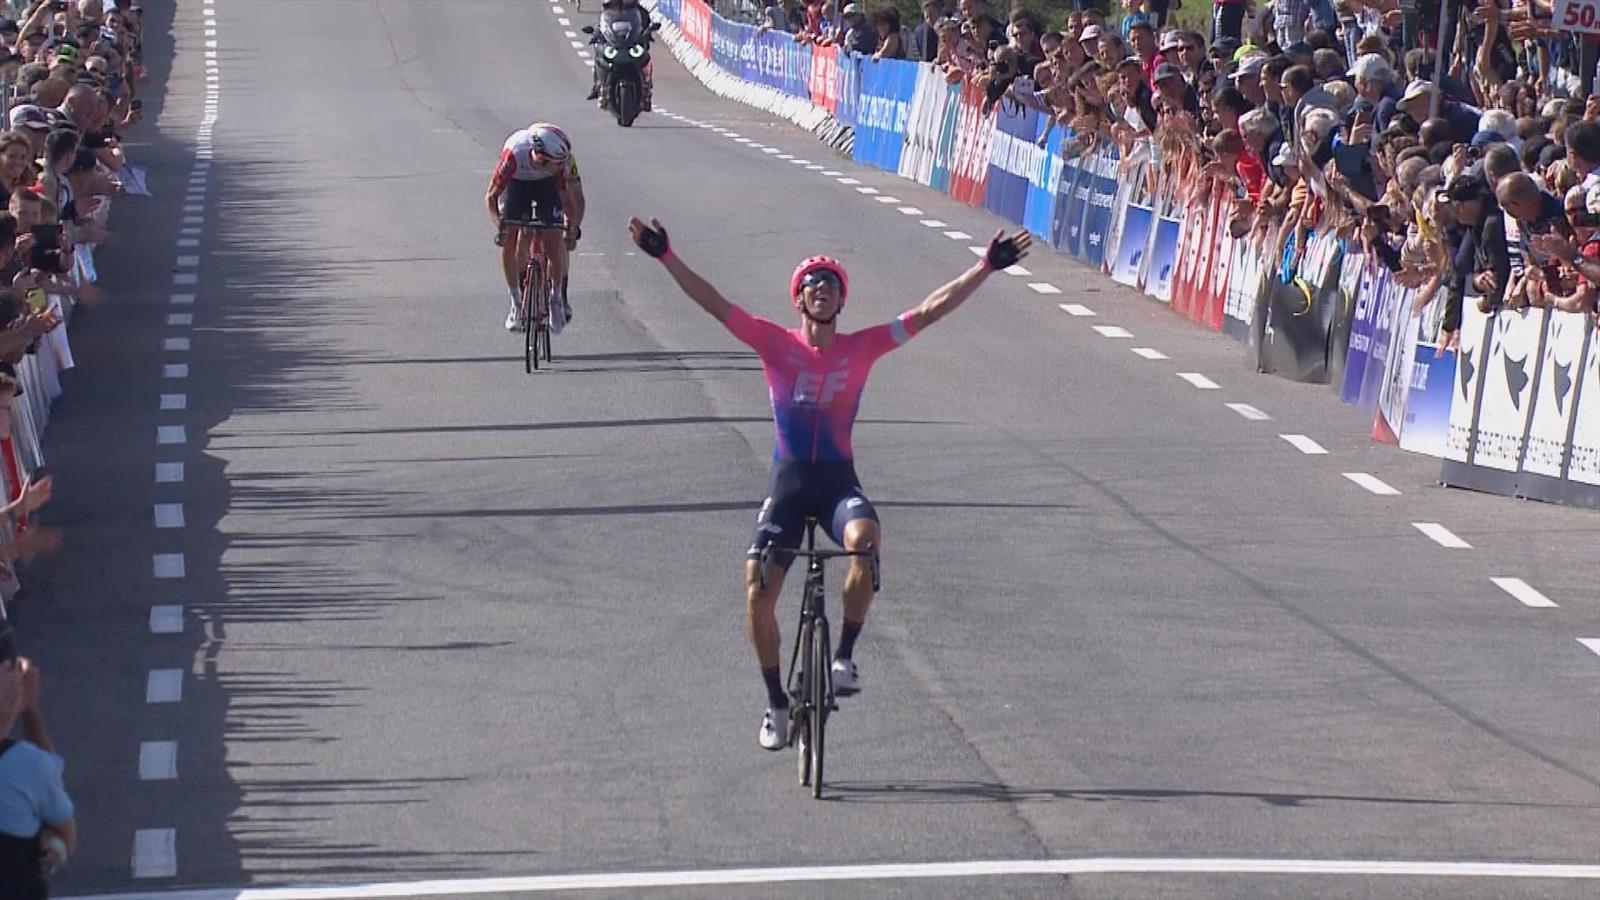 Bretagne Cycliste Calendrier 2020.Plus Fort Dans Le Dernier Kilometre Vanmarcke S Offre La Victoire En Solitaire